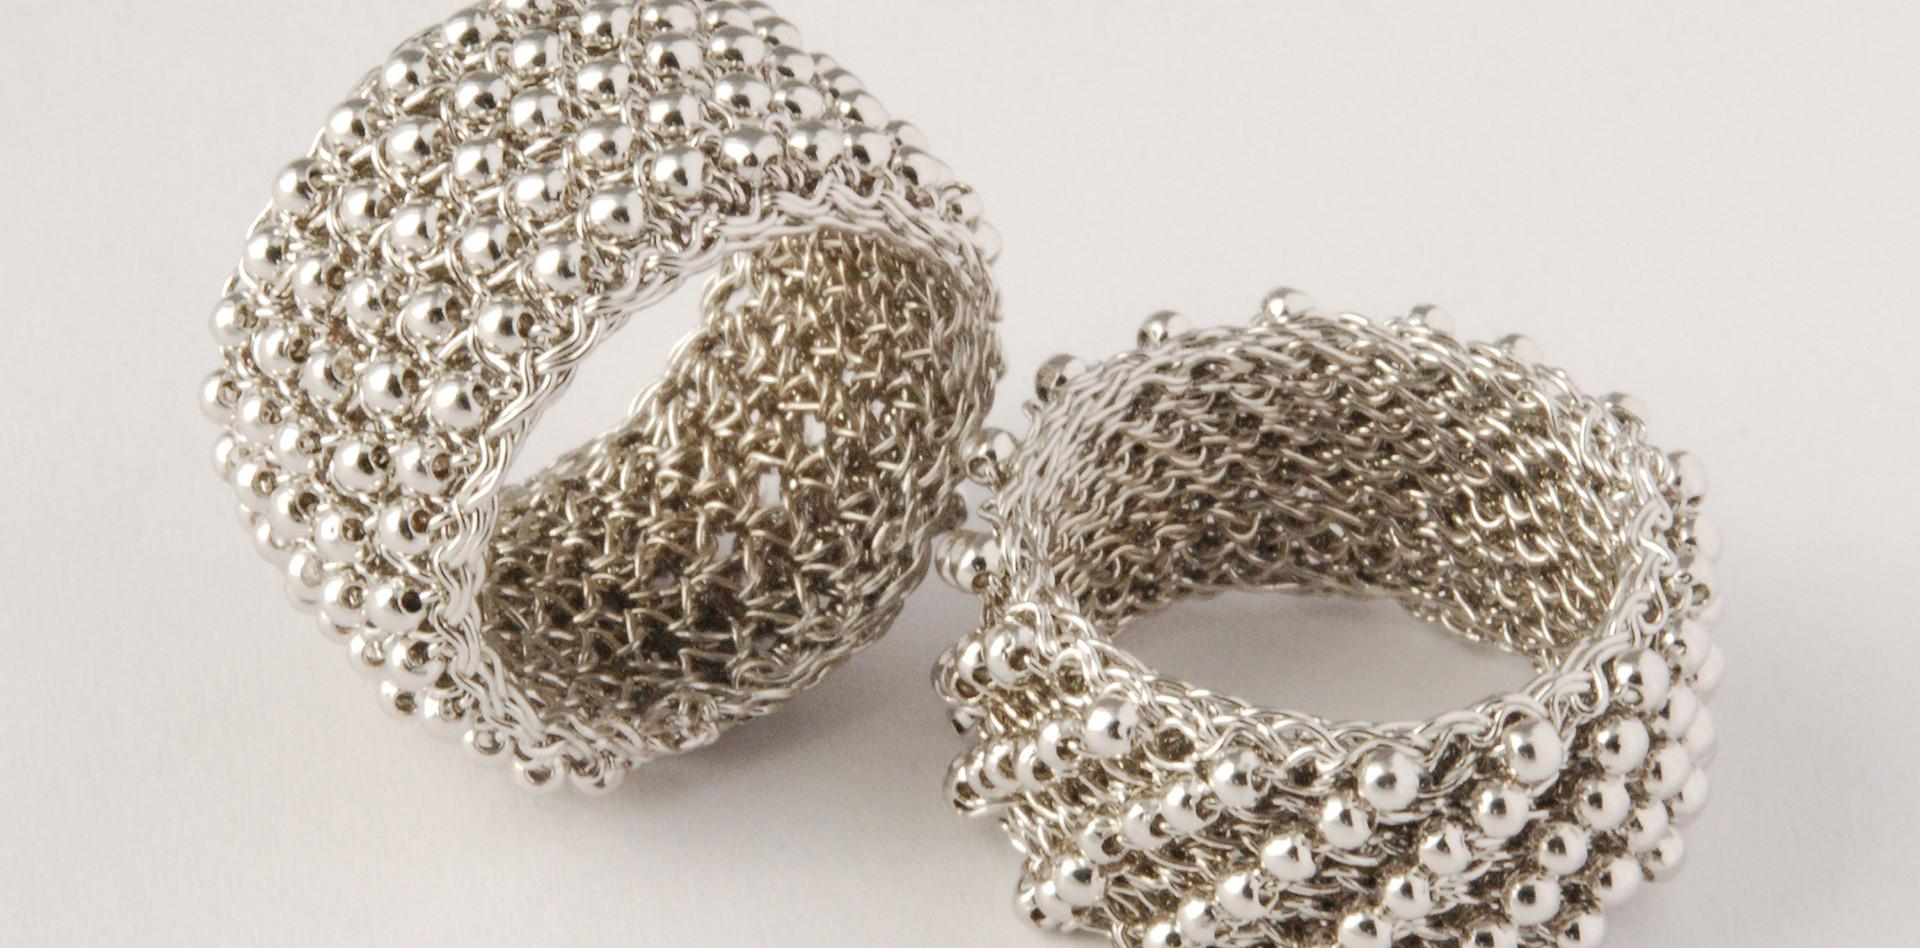 Bandringe mit Silberperlchen außen, rhodiniert